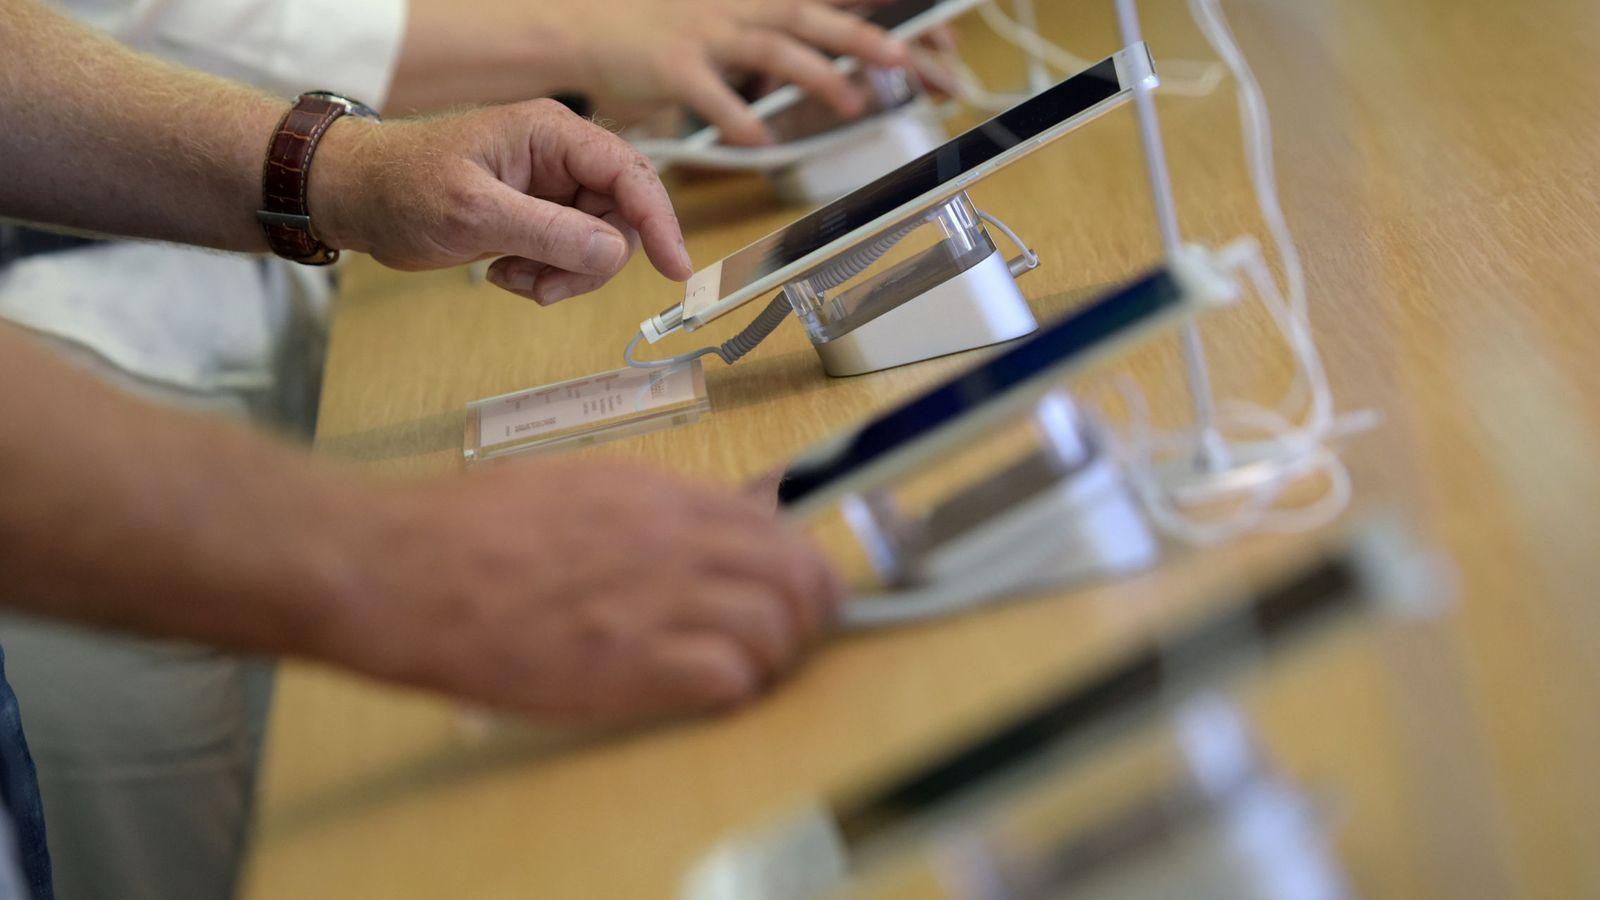 Foto: Visitantes de la feria IFA prueban un dispositivo. (Reuters)